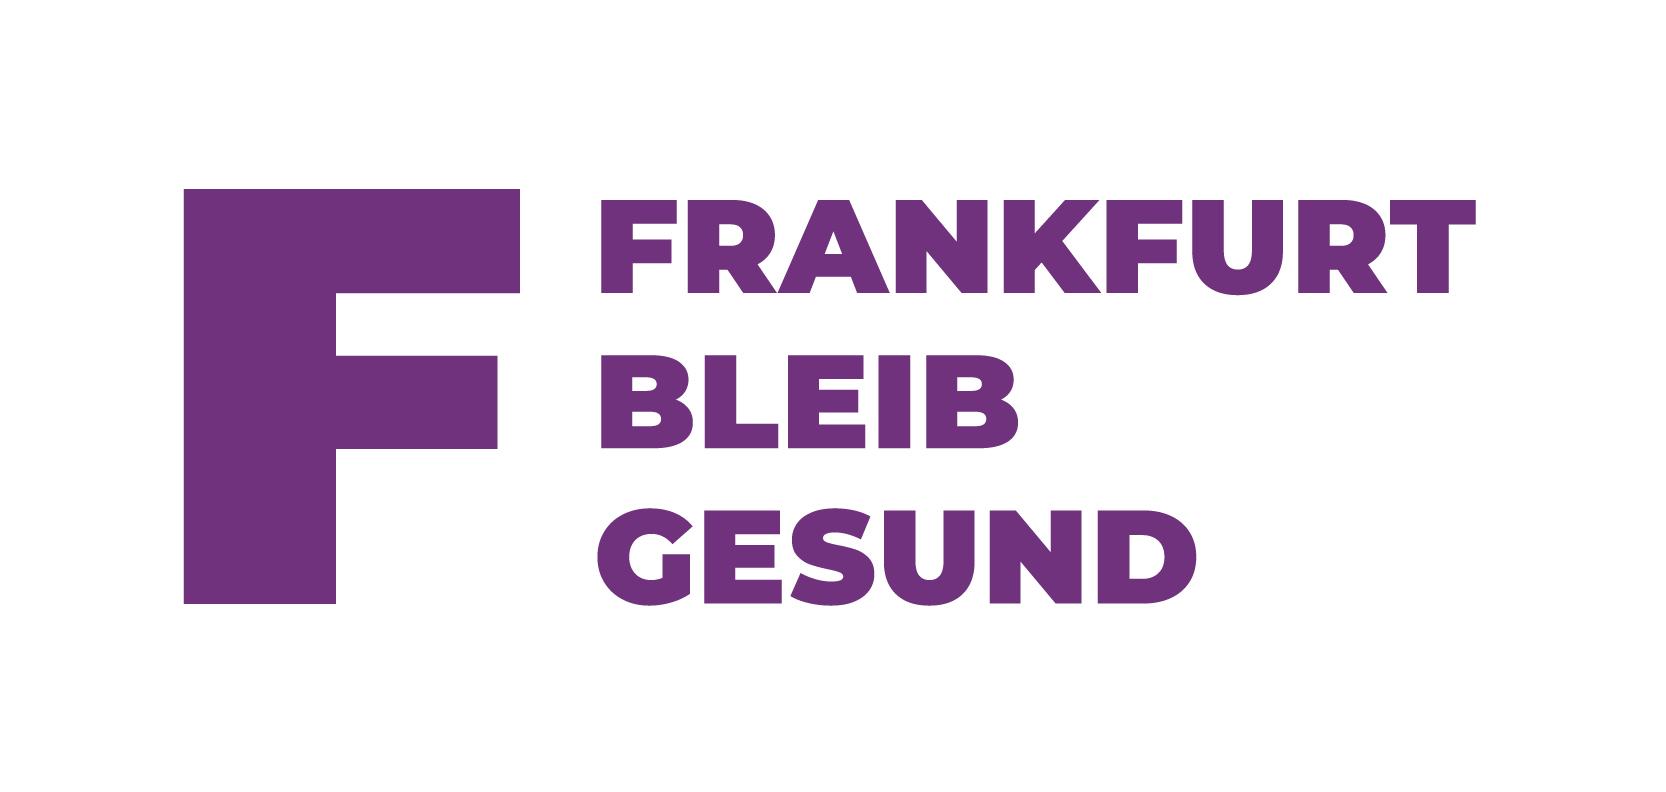 Frankfurt bleib gesund!